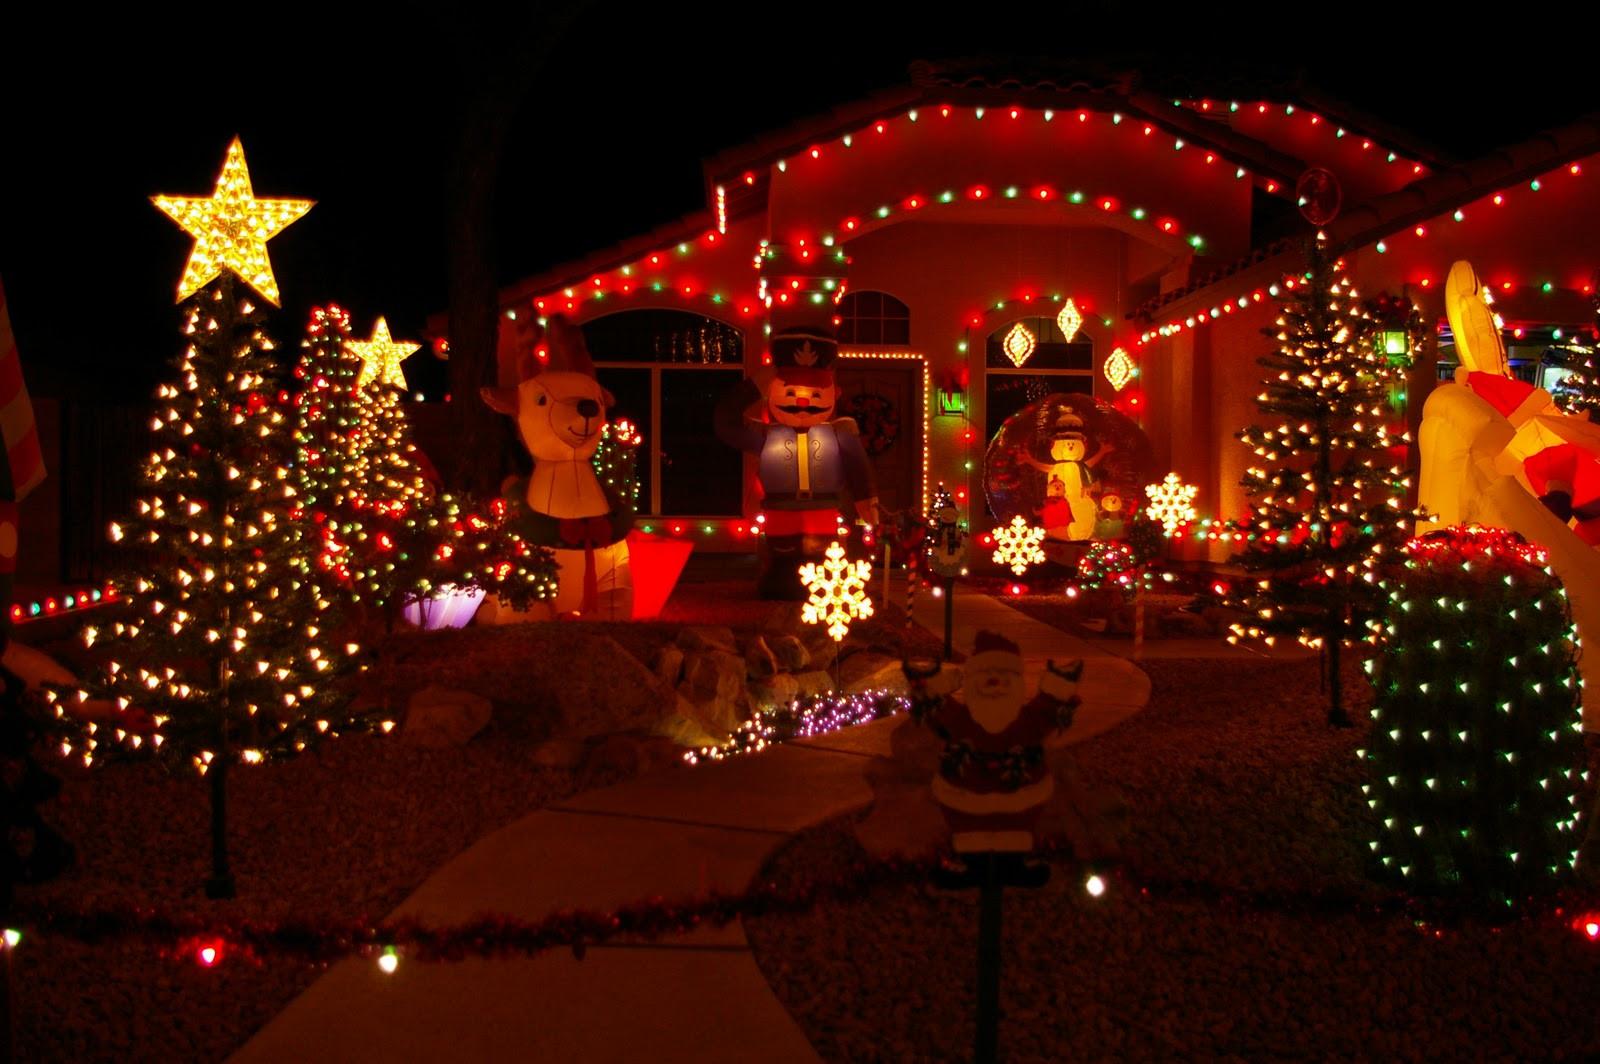 Christmas Lighting Videos  Christmas Lights House Wallpaper